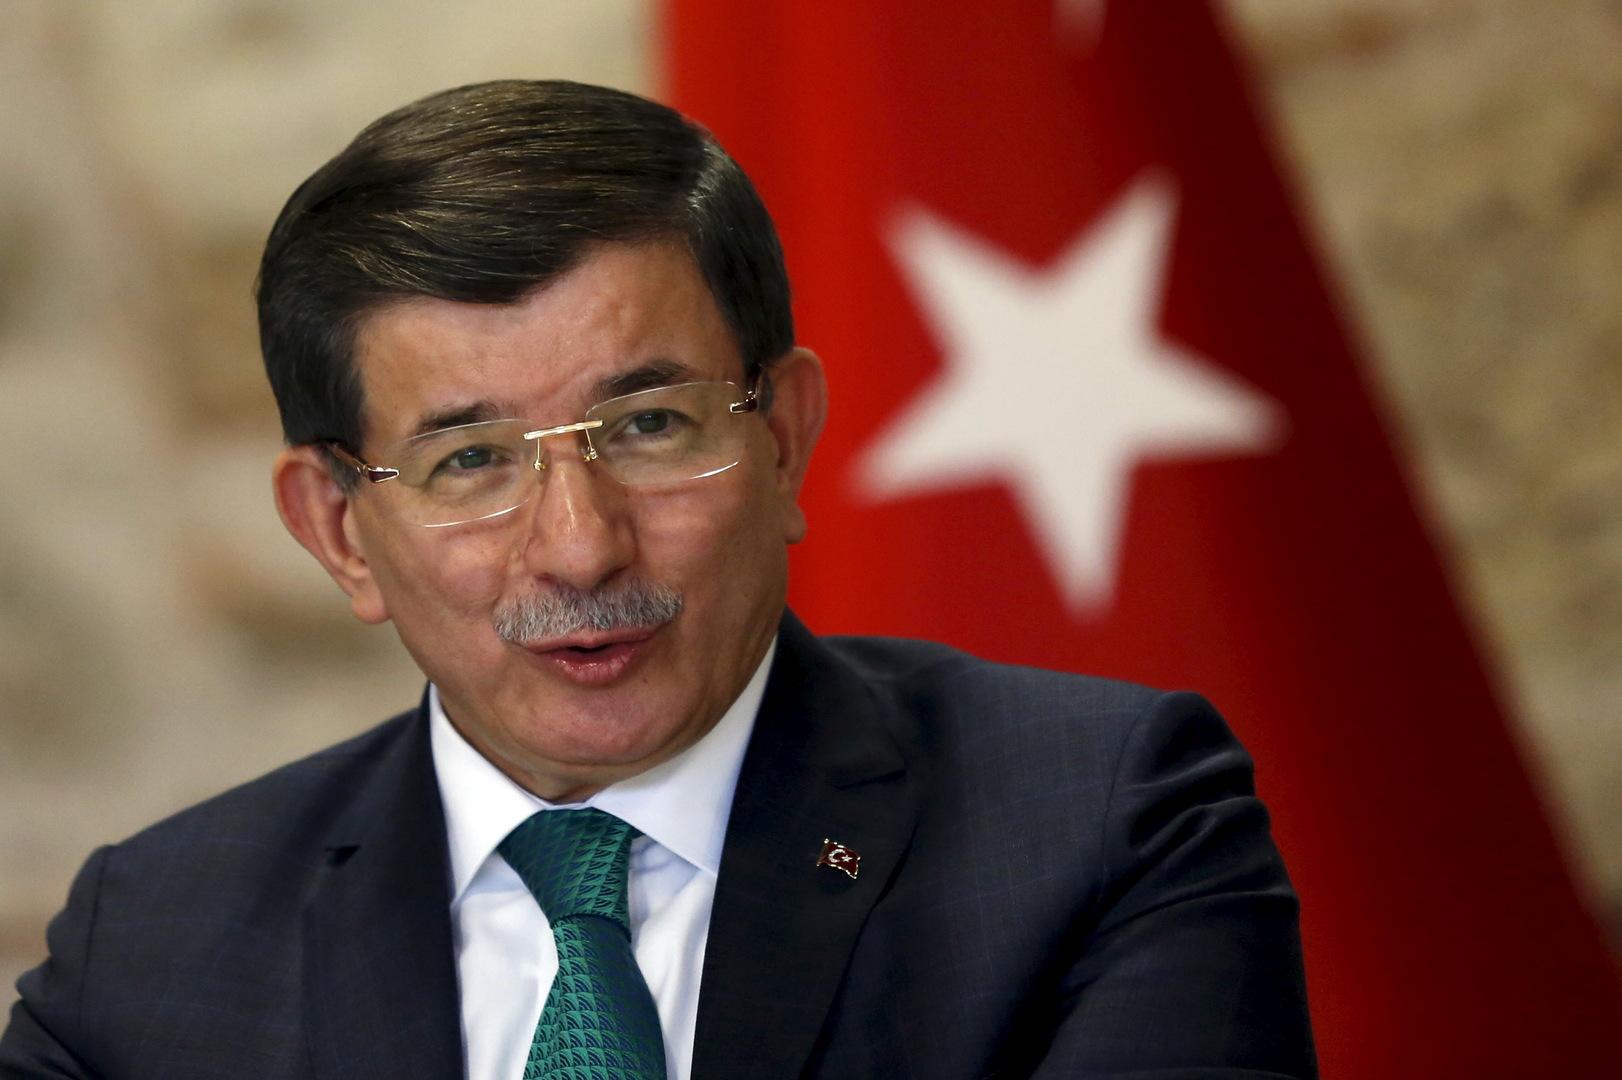 أحمد داوود أوغلو زعيم حزب المستقبل في تركيا